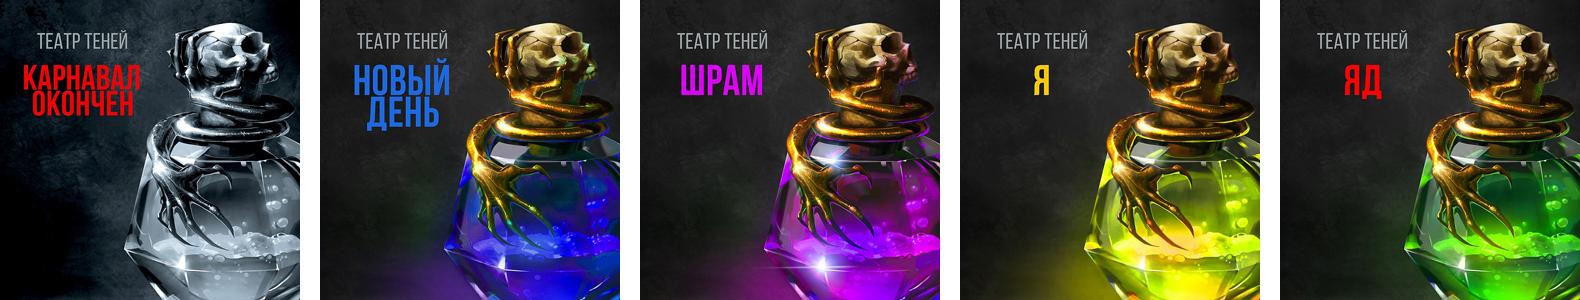 Teatr_Tenei_18_Single-1-5